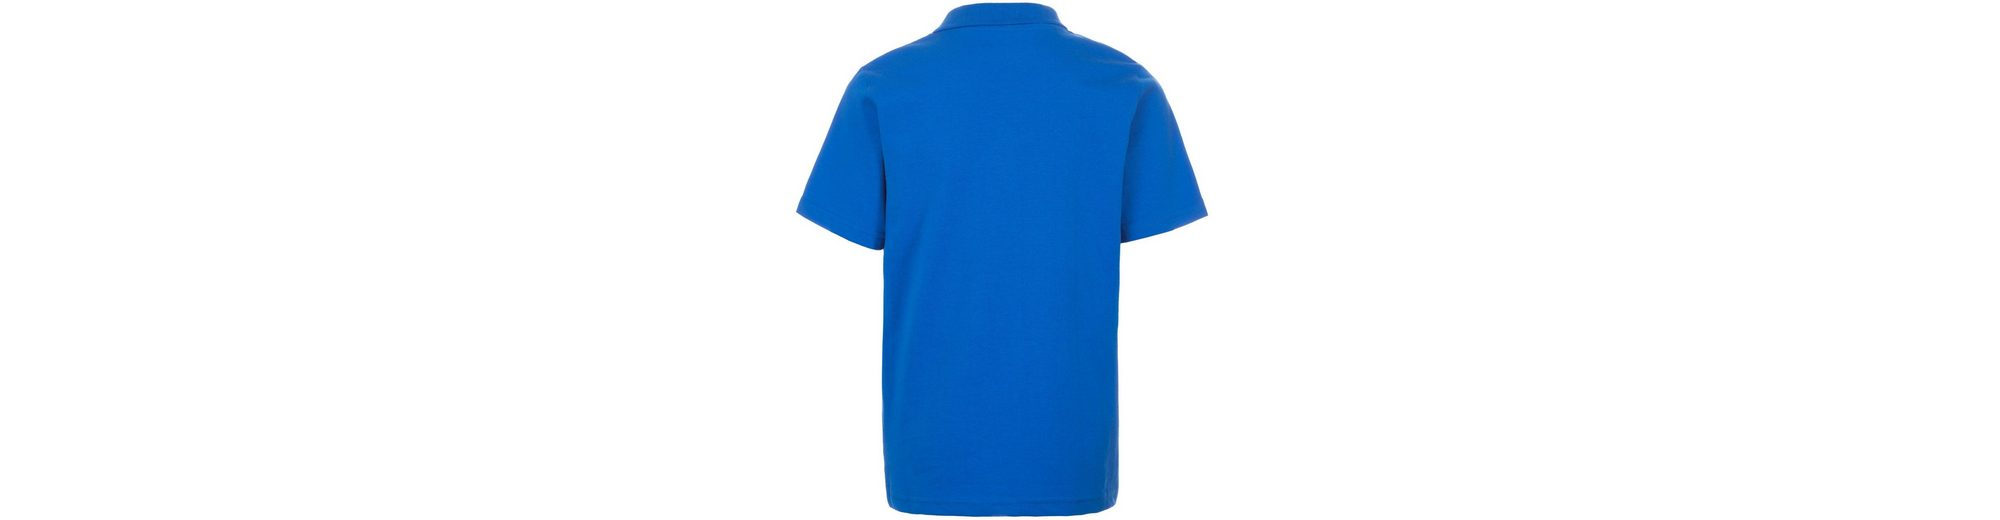 Günstig Versandkosten UHLSPORT Stream 3.0 Polo Shirt Herren Sammlungen Billig Store Preiswerte Reale 9Bepe7